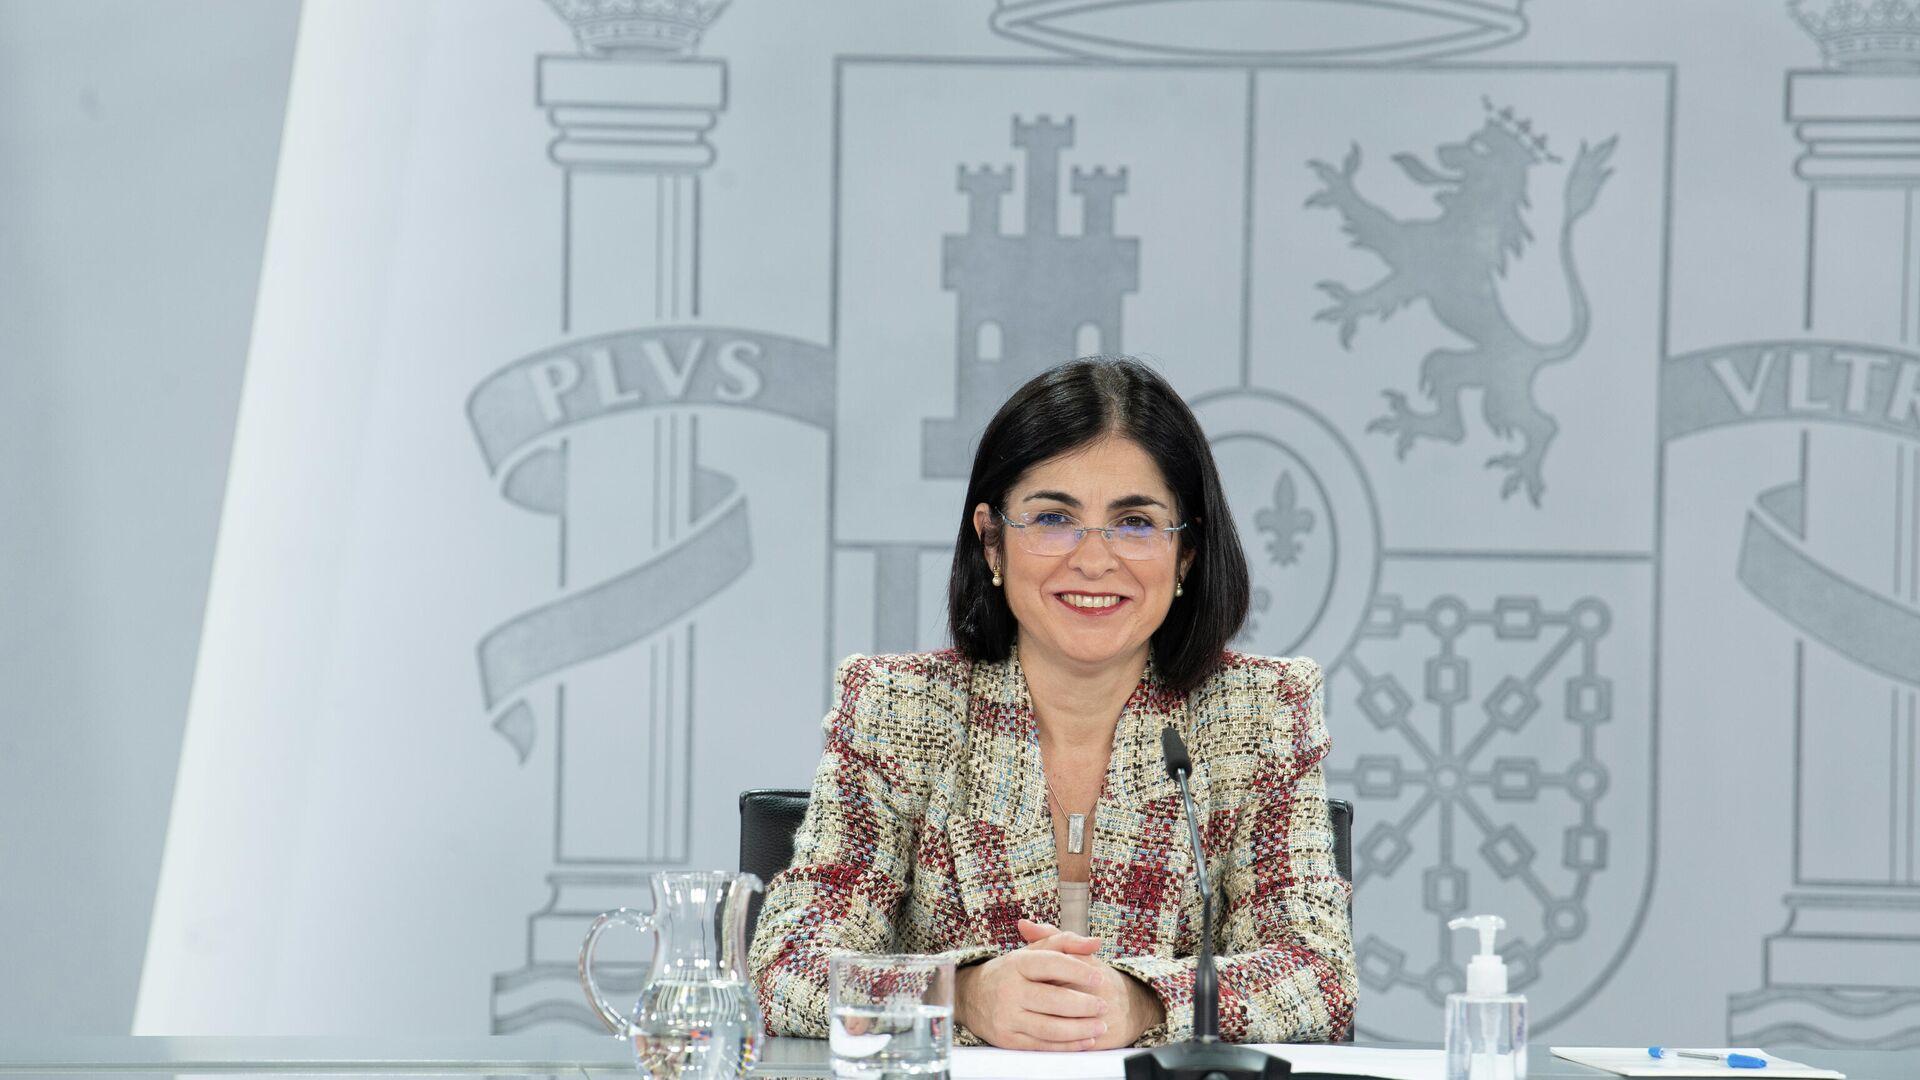 La ministra de Sanidad, Carolina Darias, en la rueda de prensa del Consejo Interterritorial del Sistema Nacional de Salud del 18 de marzo del 2021 - Sputnik Mundo, 1920, 14.04.2021